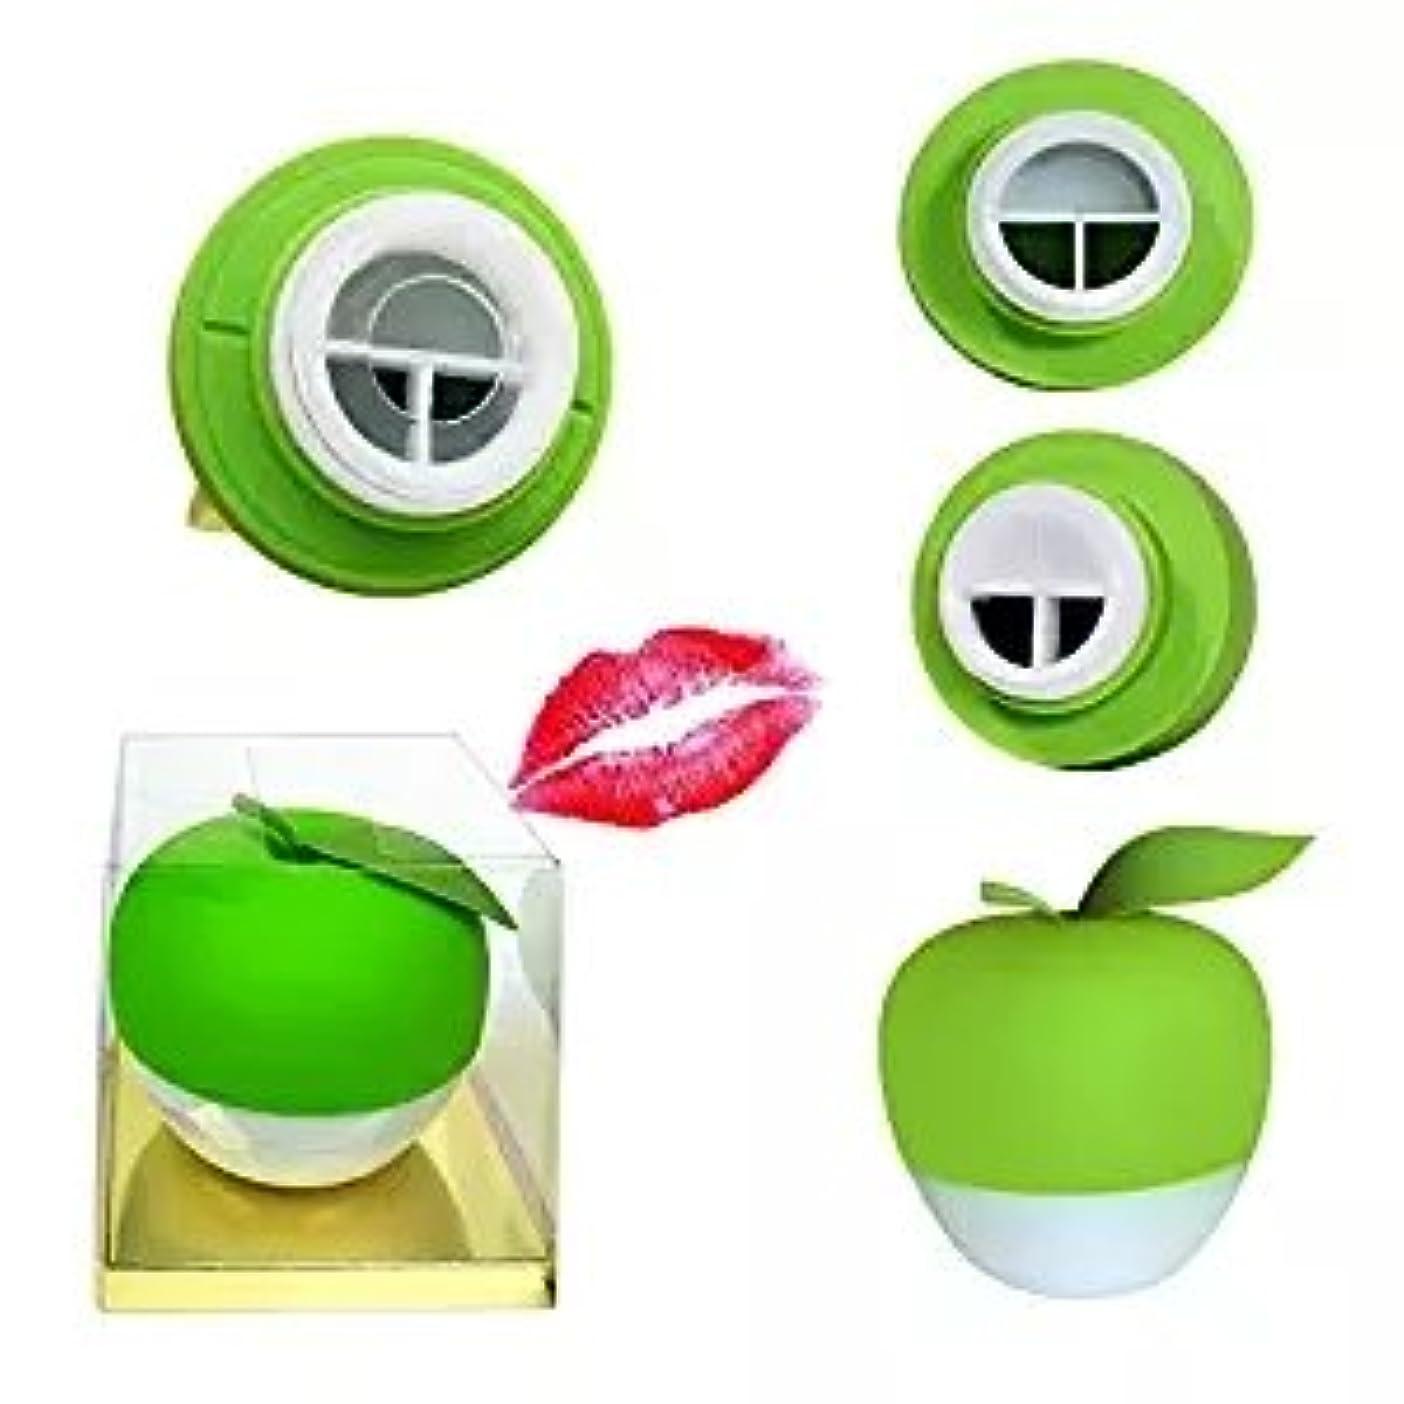 側溝絶壁監督するYartar リップエンハンサー セクシーリップス  シリコン製 コンパクト ピンク Lip Plumper (グリーン)